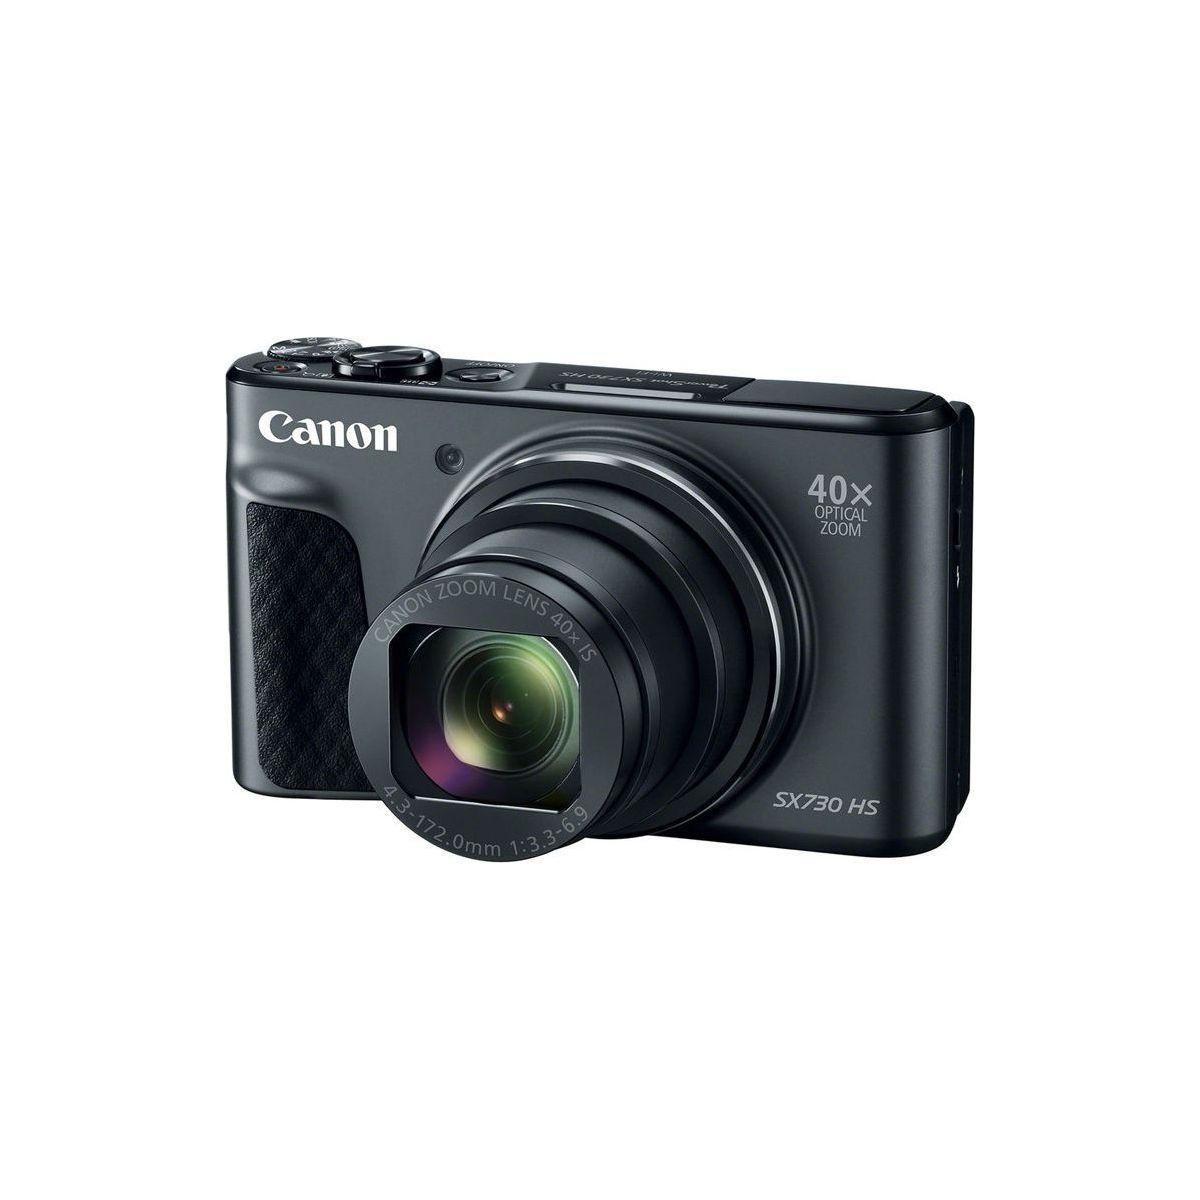 Appareil photo compact canon powershot sx730 hs noir (photo)